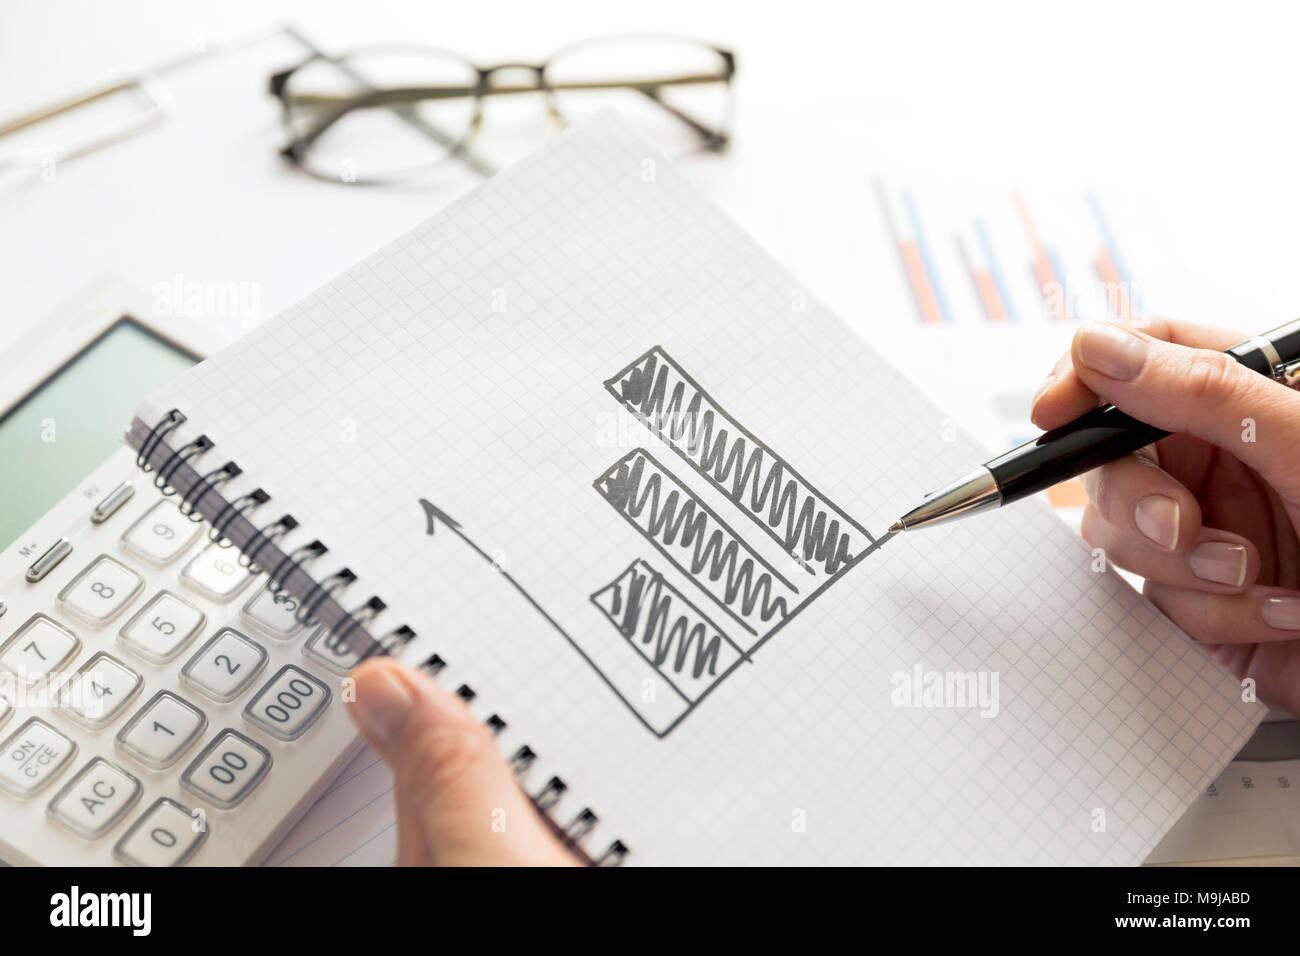 La empresaria trabajando en el proyecto sobre el crecimiento del negocio. Dibujo de un gráfico de crecimiento en el bloc de notas Imagen De Stock